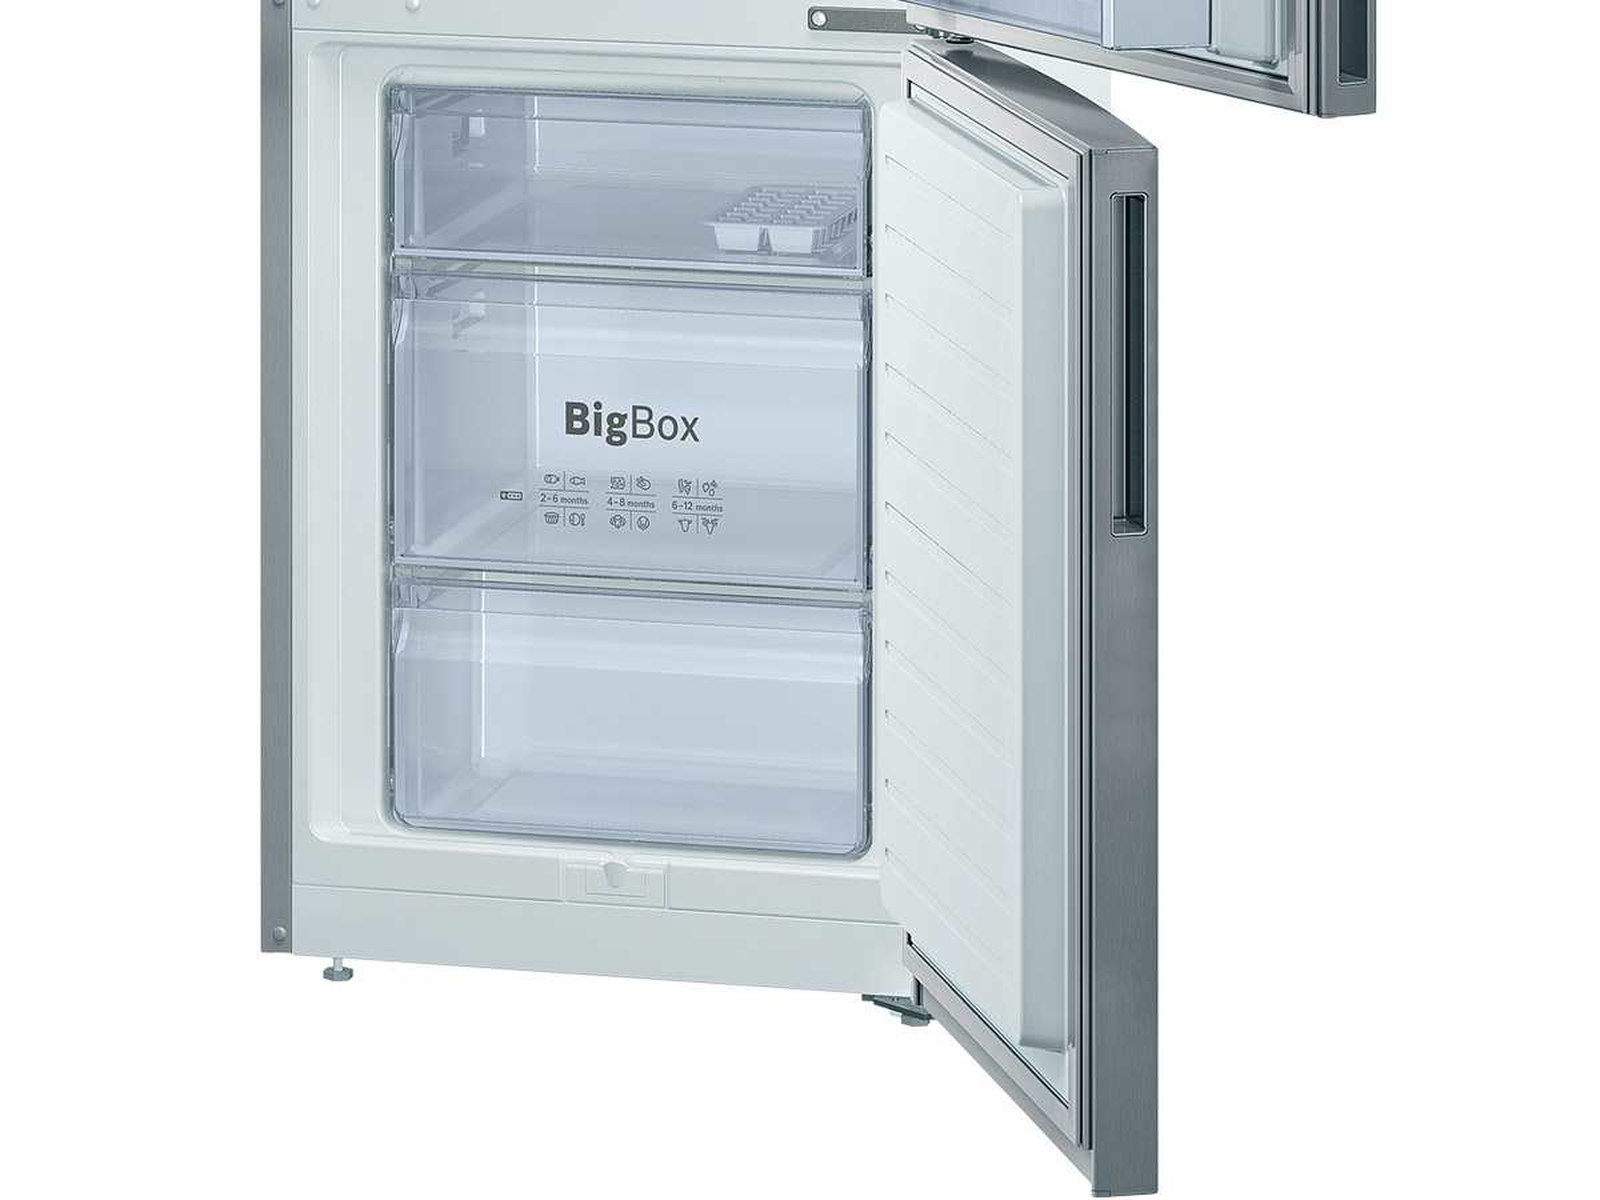 bosch kgv33vl30 stand k hl gefrier kombi k hlger t gefrierteil led kombiger t ebay. Black Bedroom Furniture Sets. Home Design Ideas